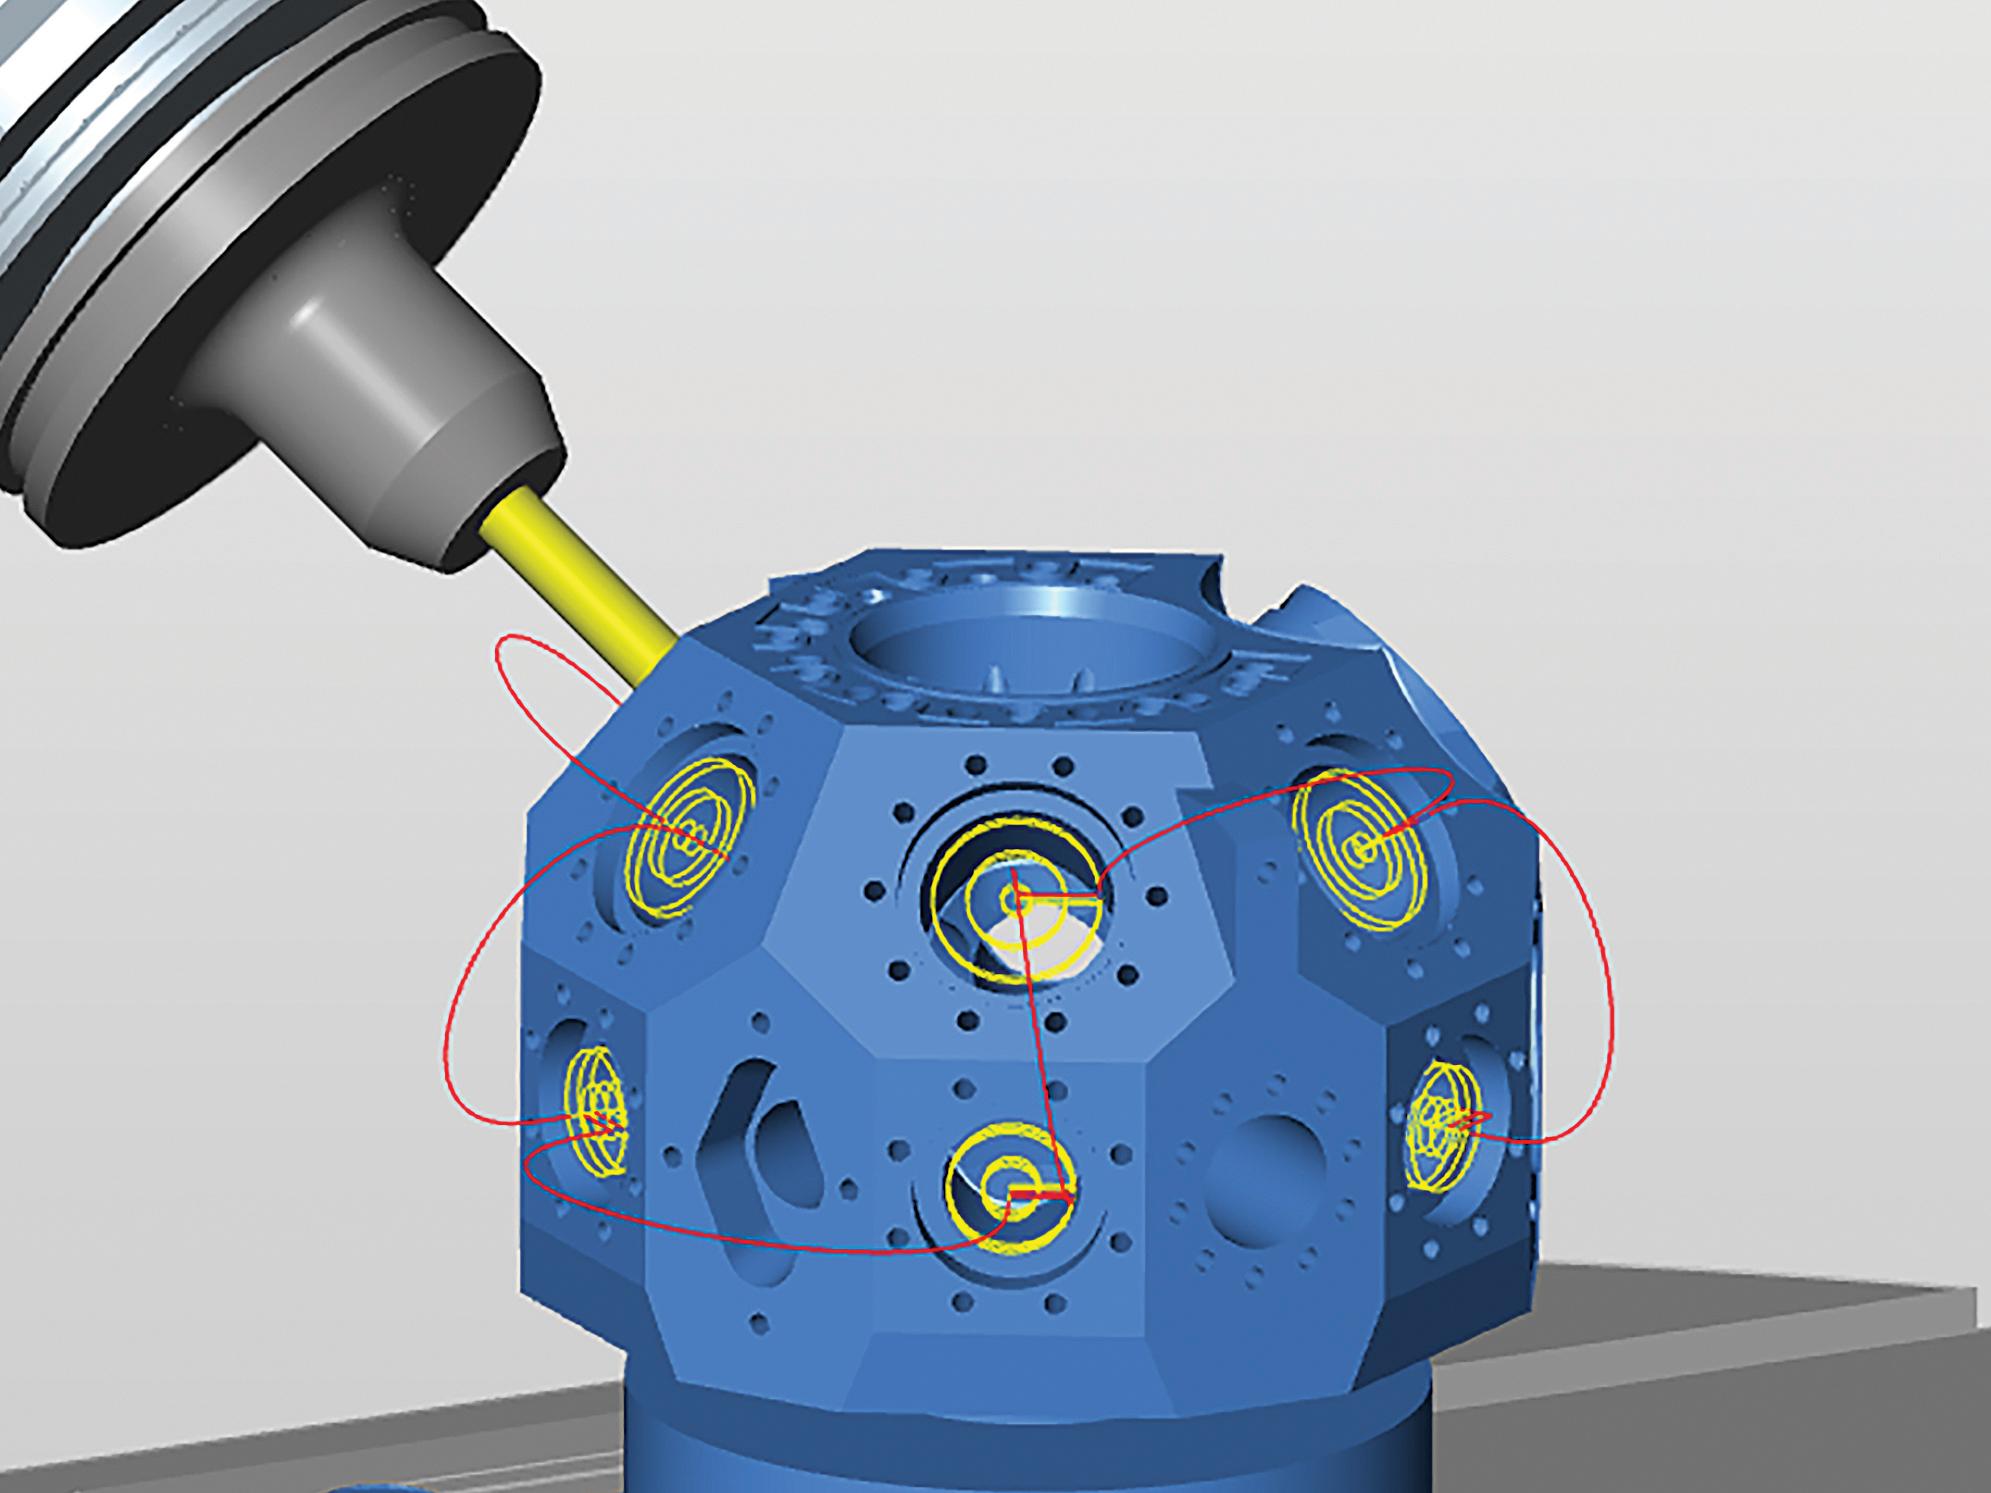 Un module pour une sécurité optimale dans l'usinage 5 axes